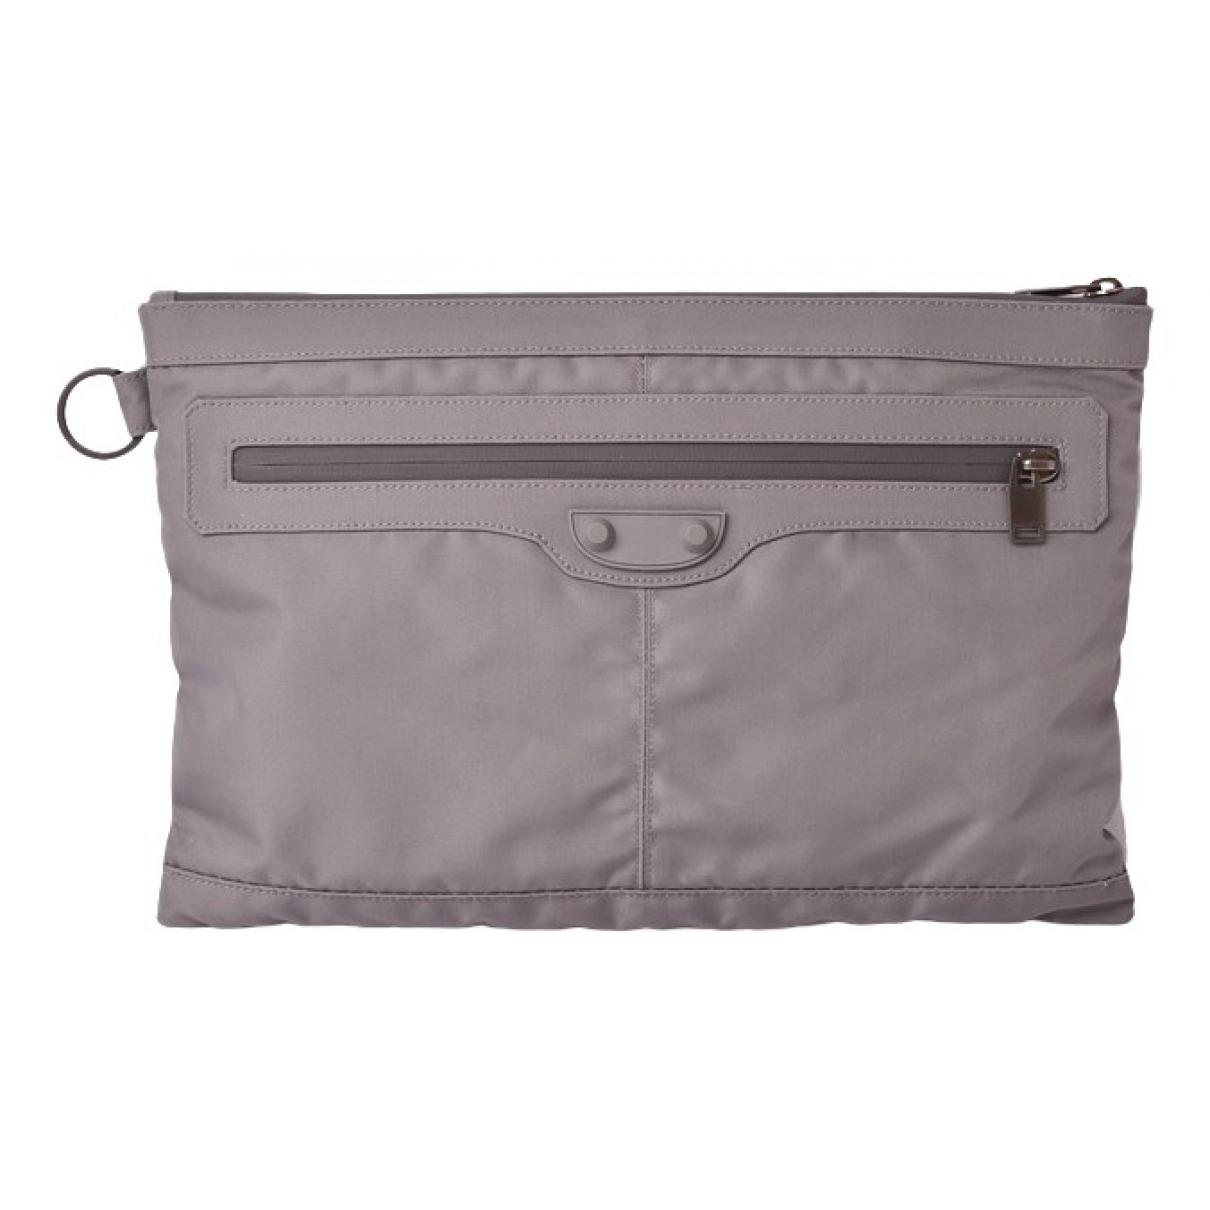 Balenciaga \N Grey Cloth Clutch bag for Women \N